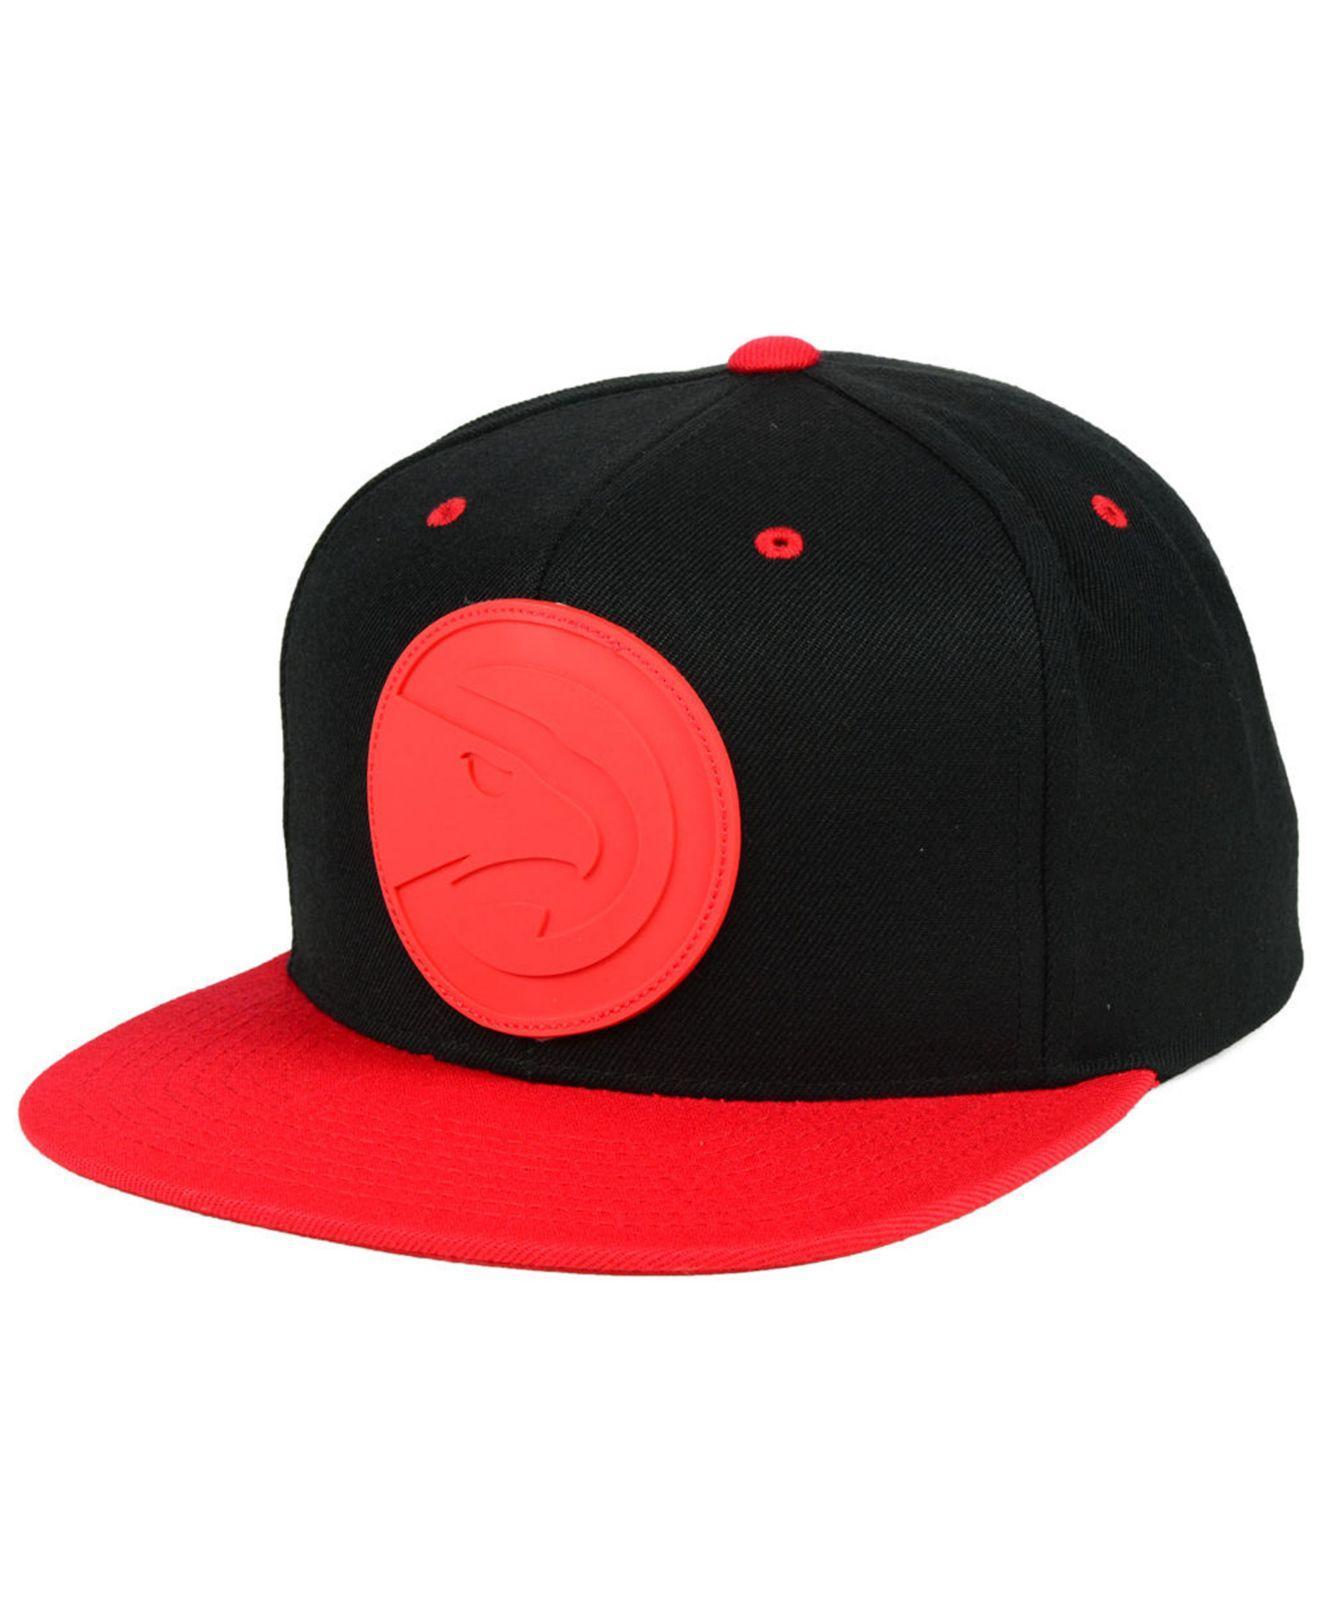 c68de681 Mitchell & Ness Atlanta Hawks Rubber Weld Snapback Cap in Red for ...